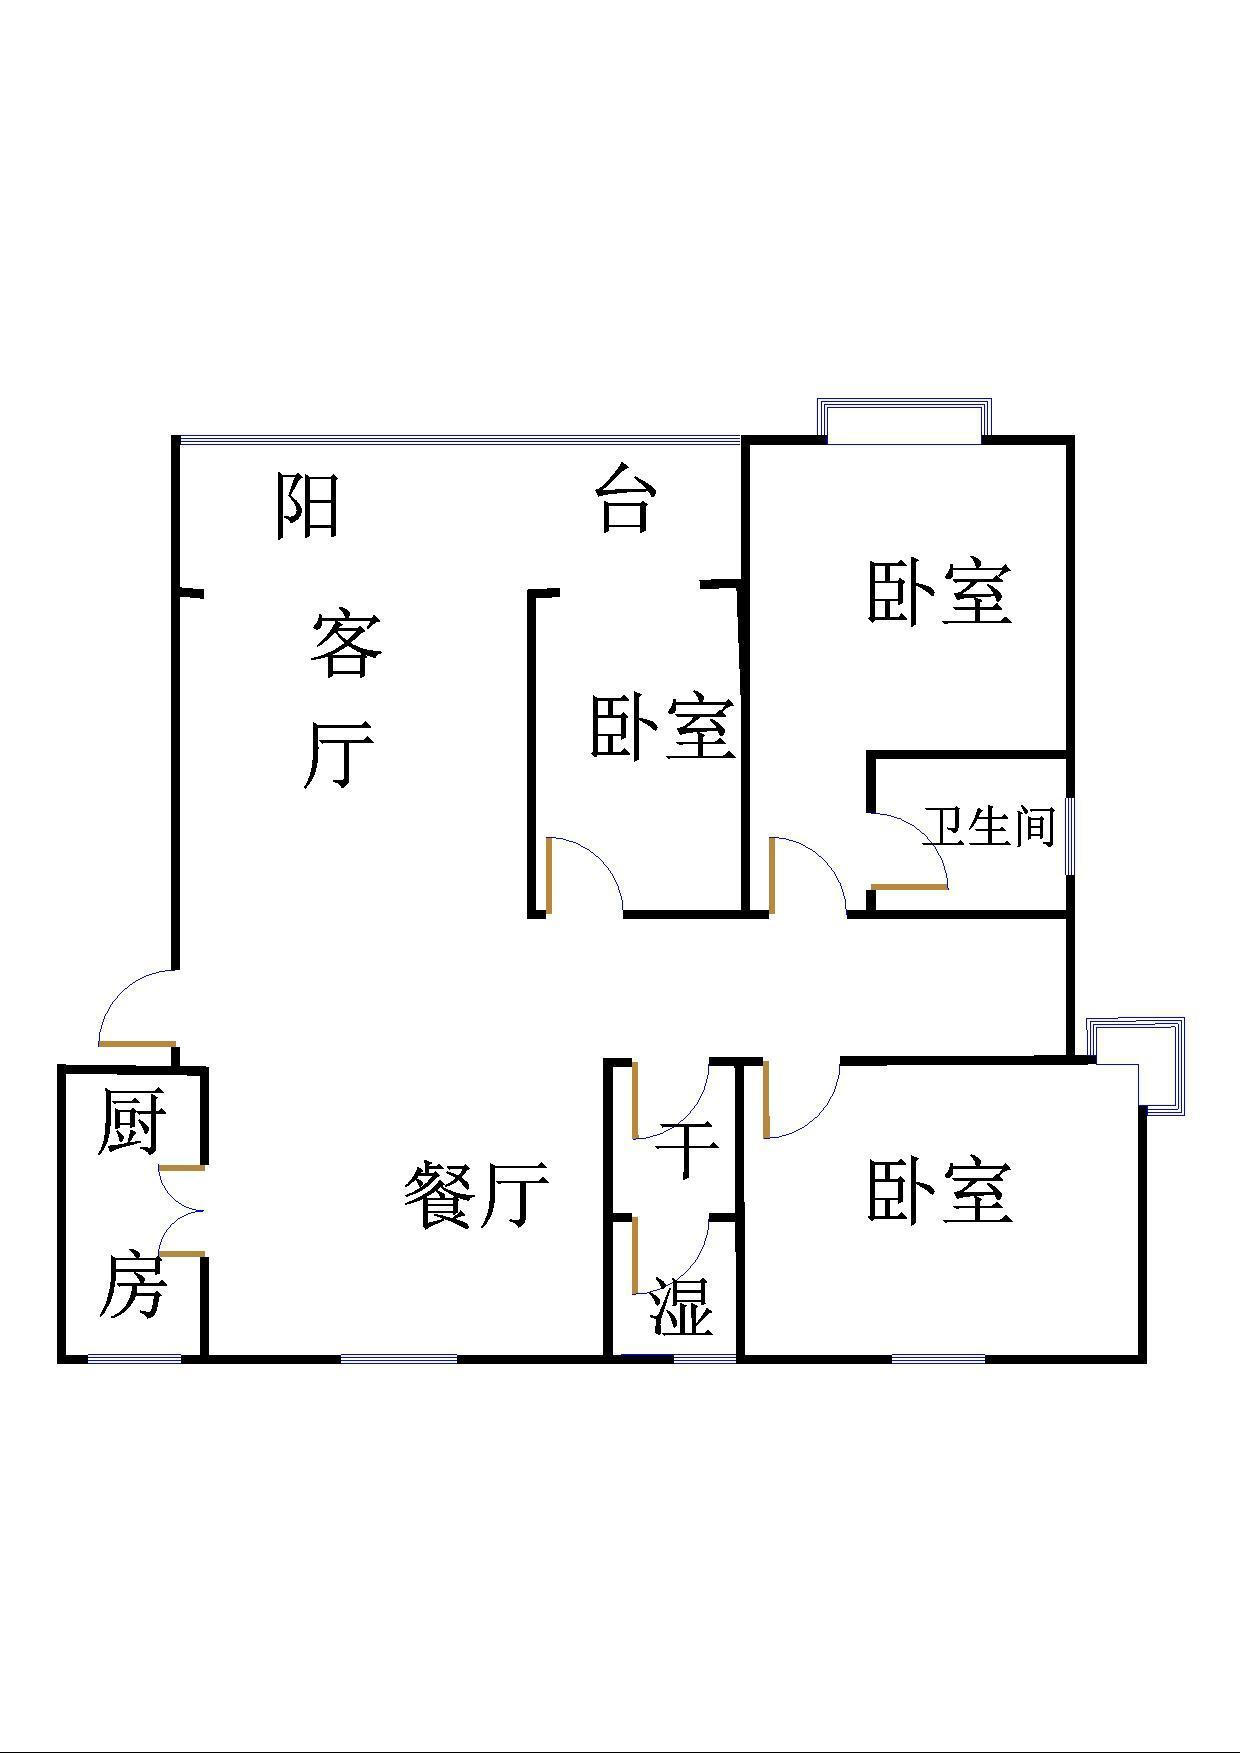 嘉城盛世 3室2厅 7楼